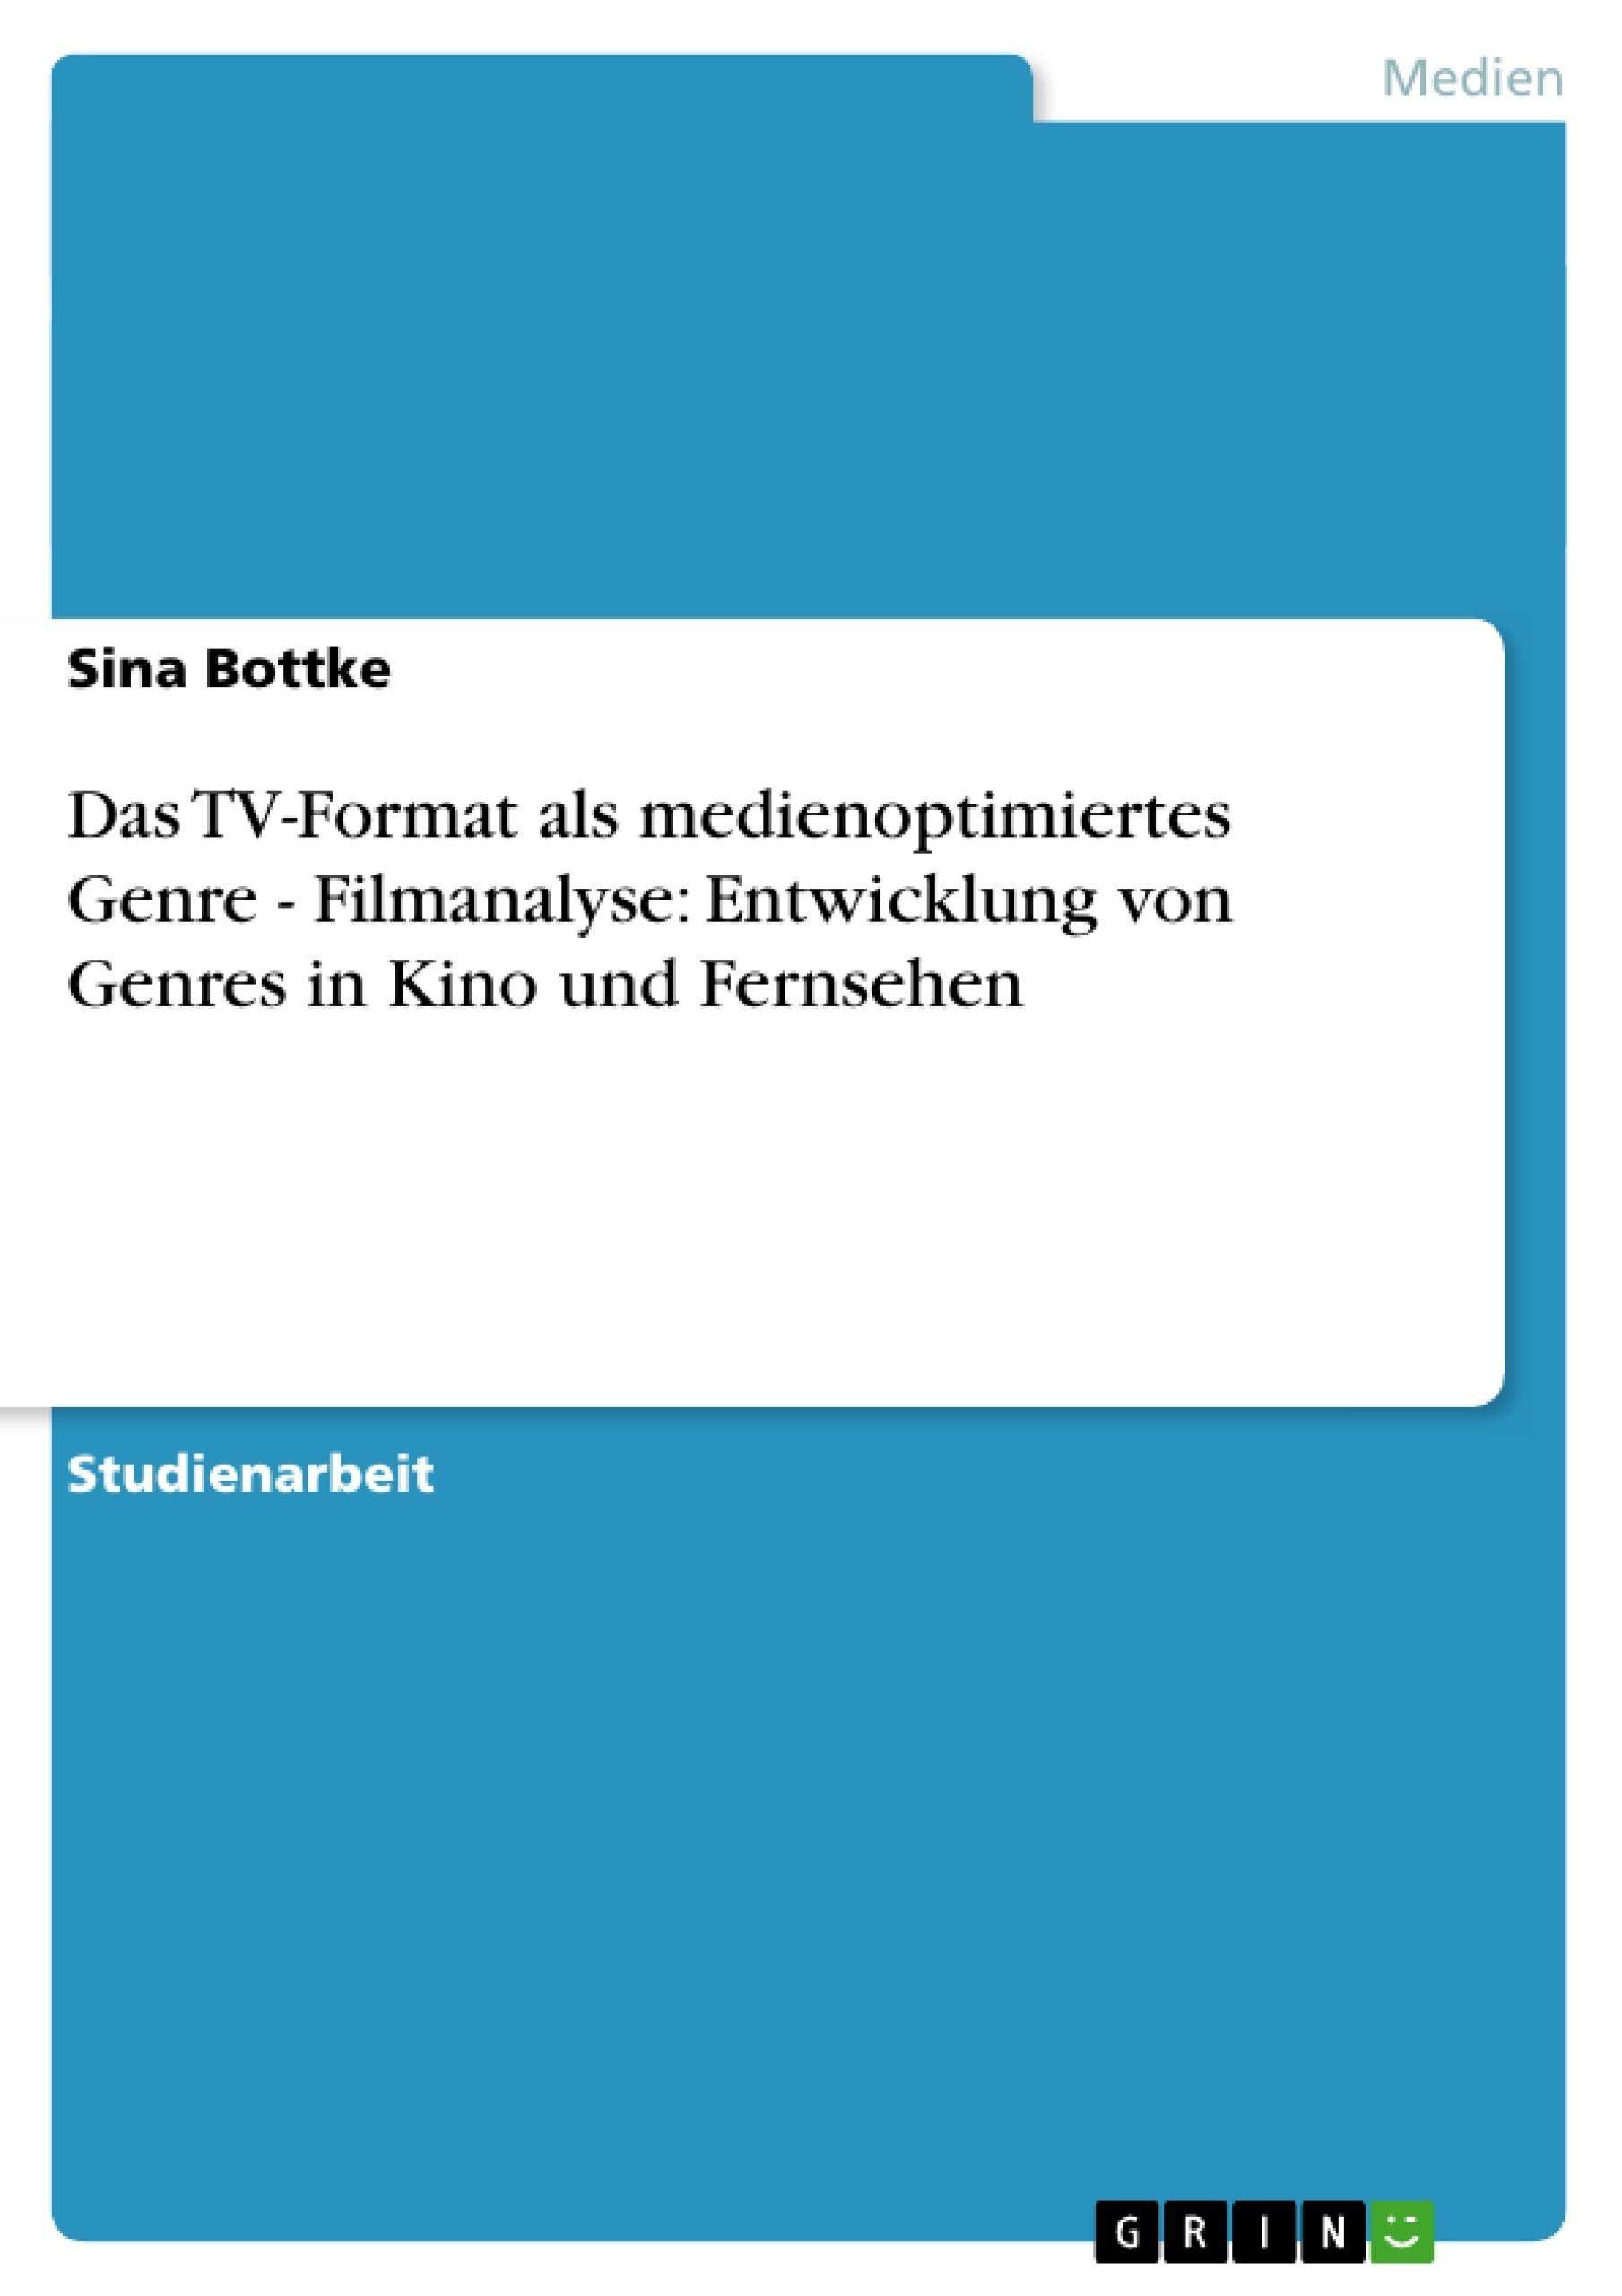 Titel: Das TV-Format als medienoptimiertes Genre  -  Filmanalyse: Entwicklung von Genres in Kino und Fernsehen